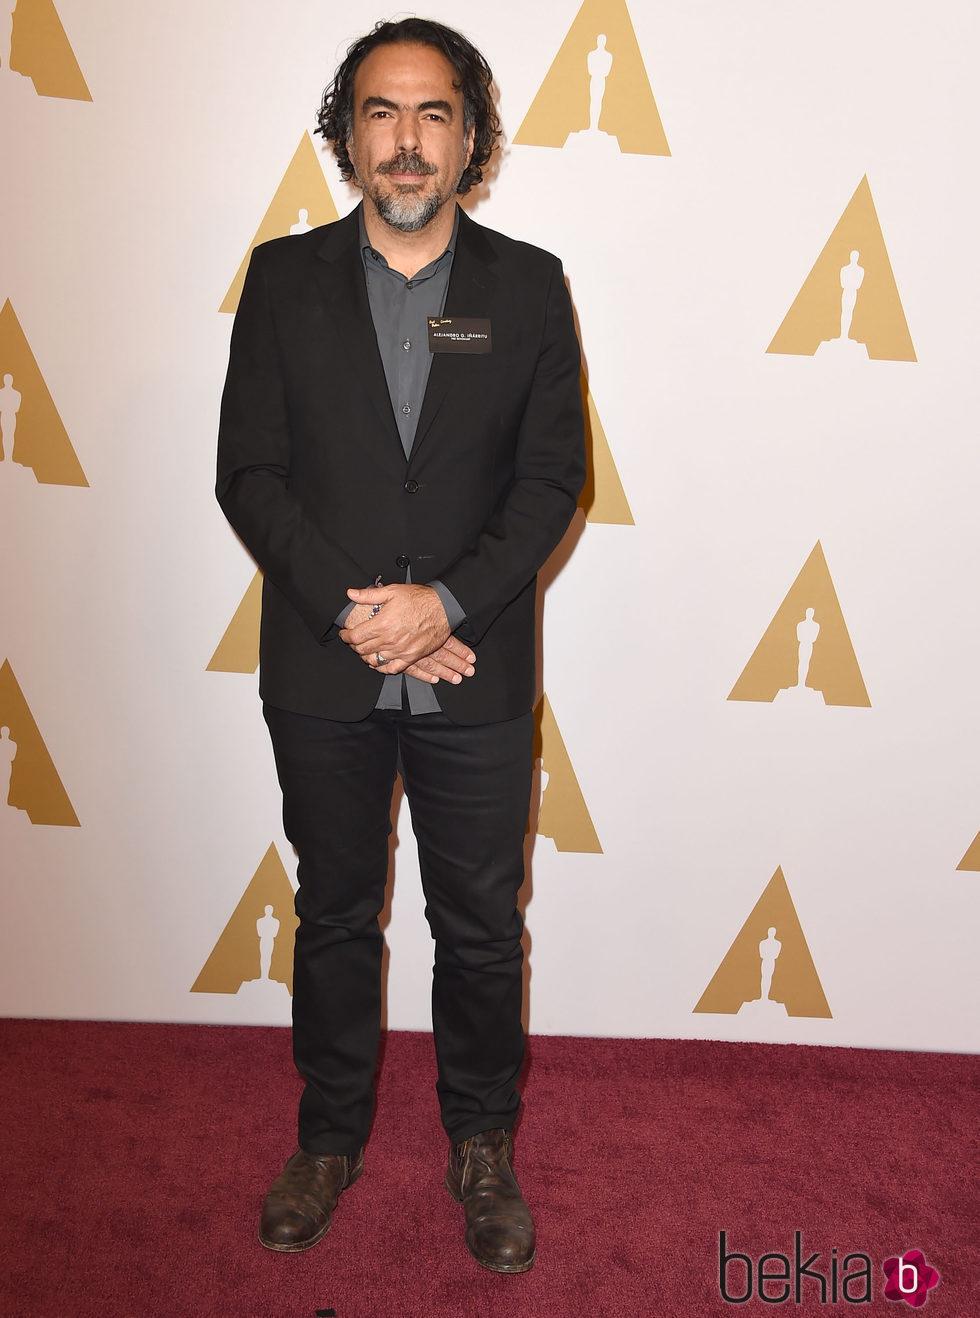 Alejandro González Iñárritu en el almuerzo de los nominados a los Premios Oscar 2016